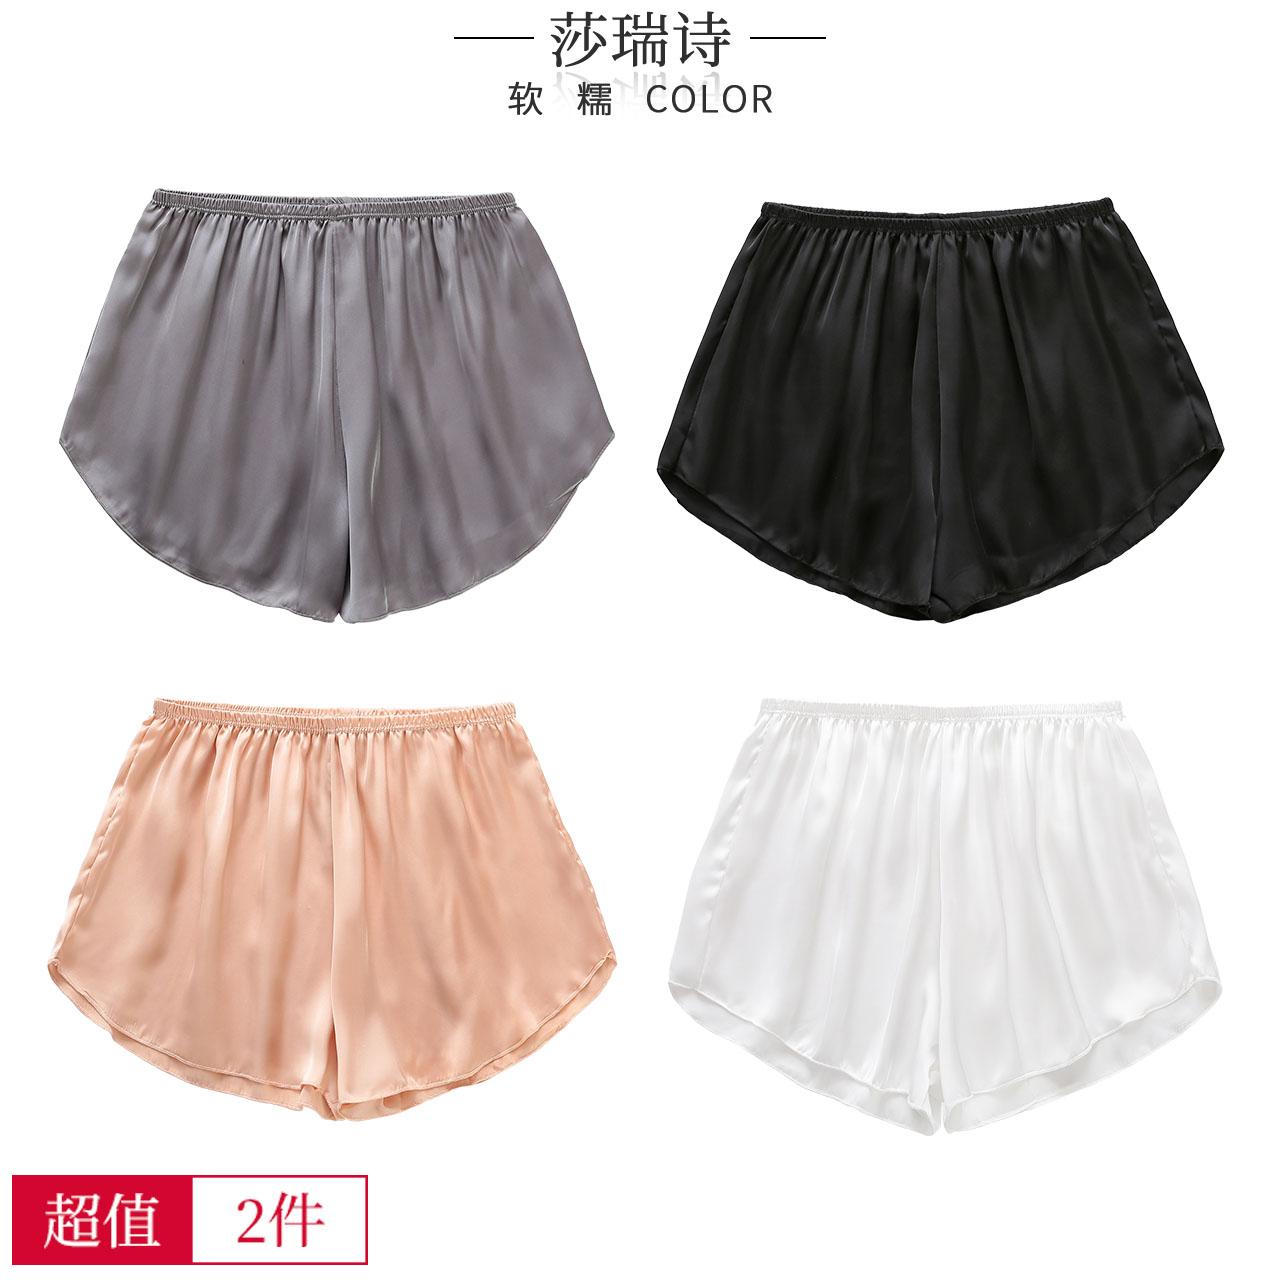 夏季丝绸安全裤高腰大码超薄平角白色防走光女内裤宽松保险裤短裤包邮